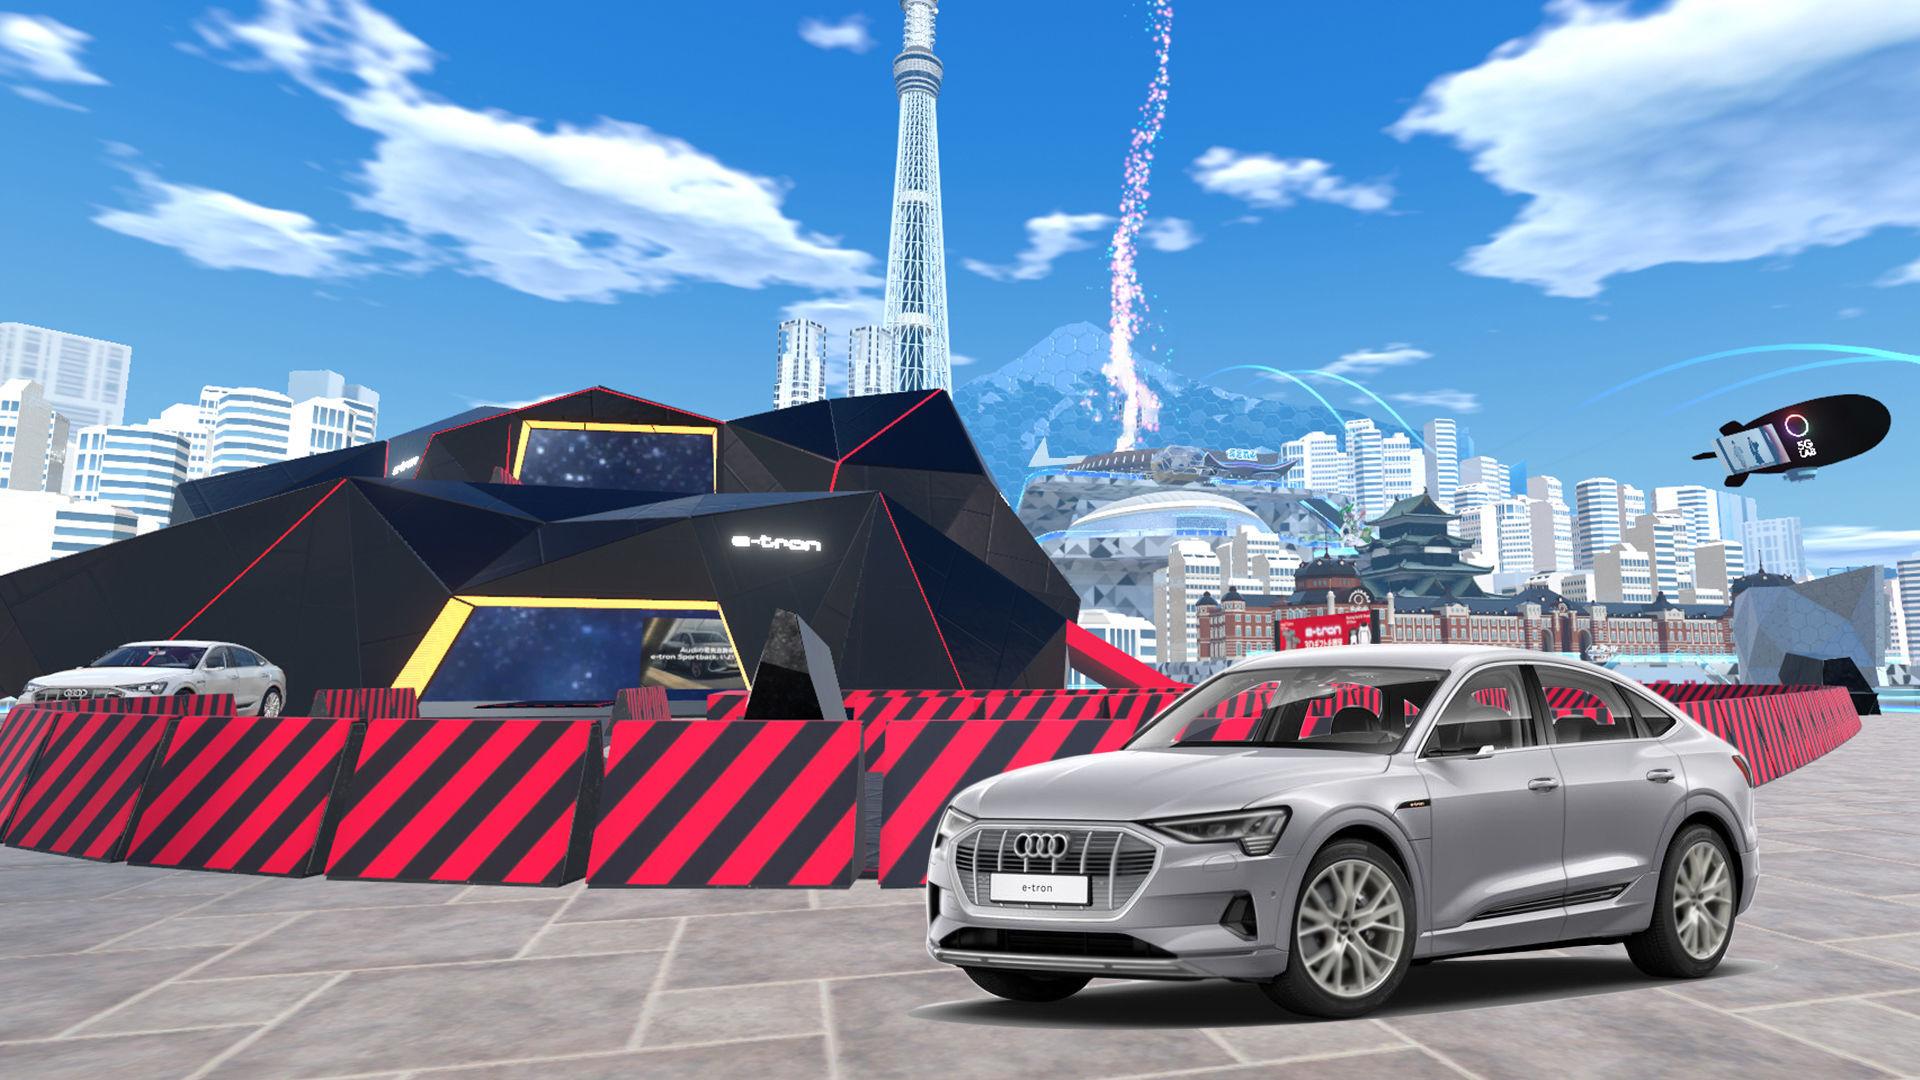 Audi e-tron Sportback a la conquista del mundo virtual